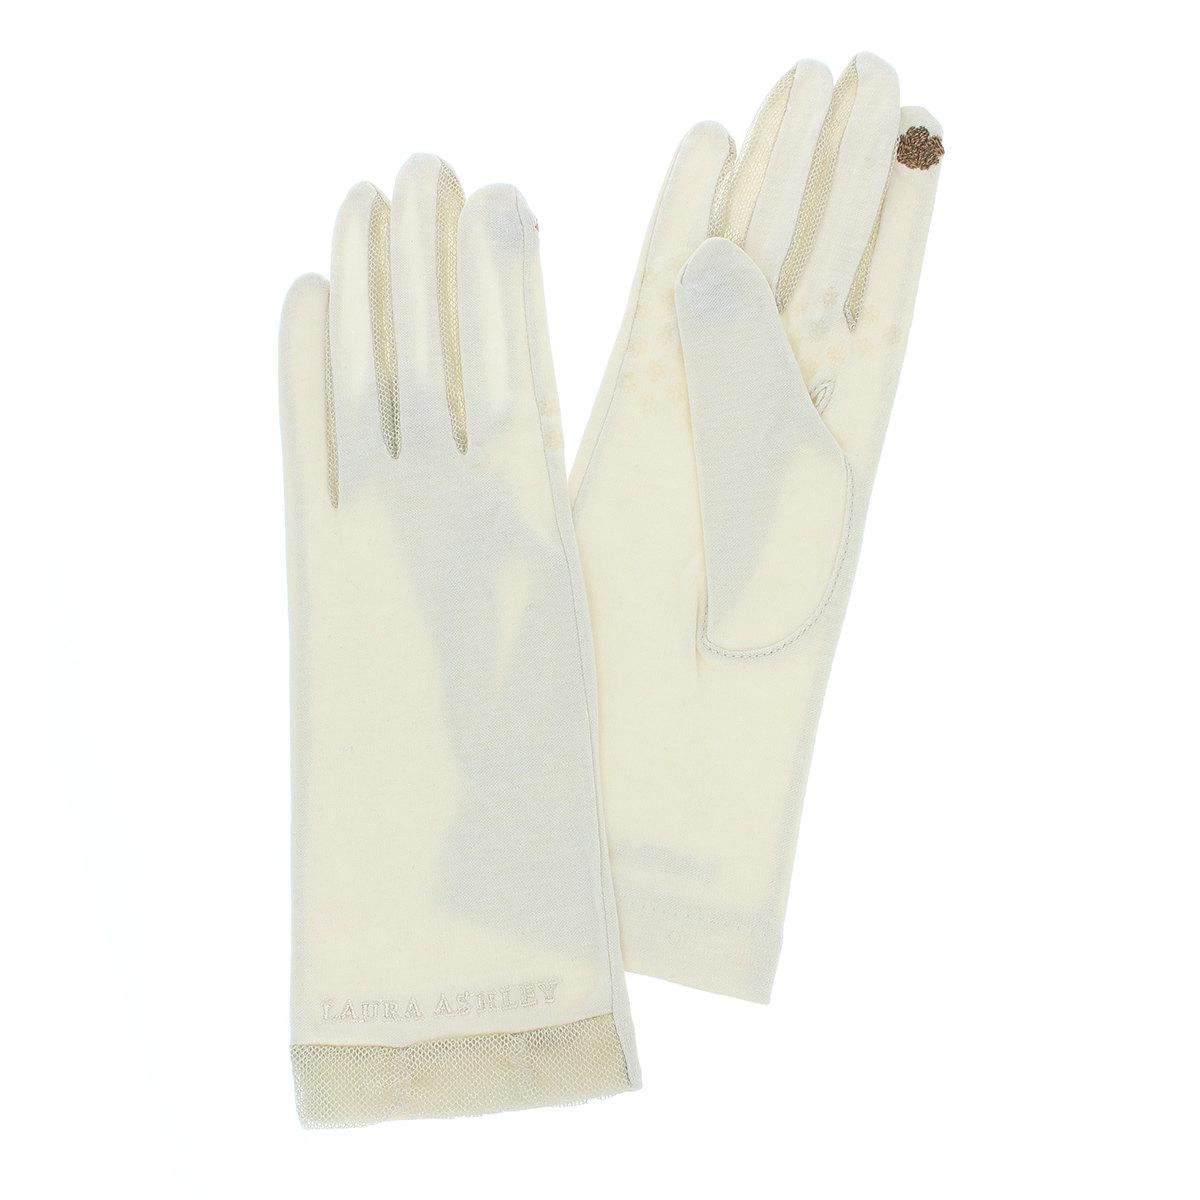 ローラアシュレイ レディース UV手袋 UVカット 紫外線対策 保湿素材 五本指 洗える タッチパネル スマホ対応 ちょっと長め丈 ショート丈 26cm プレゼント